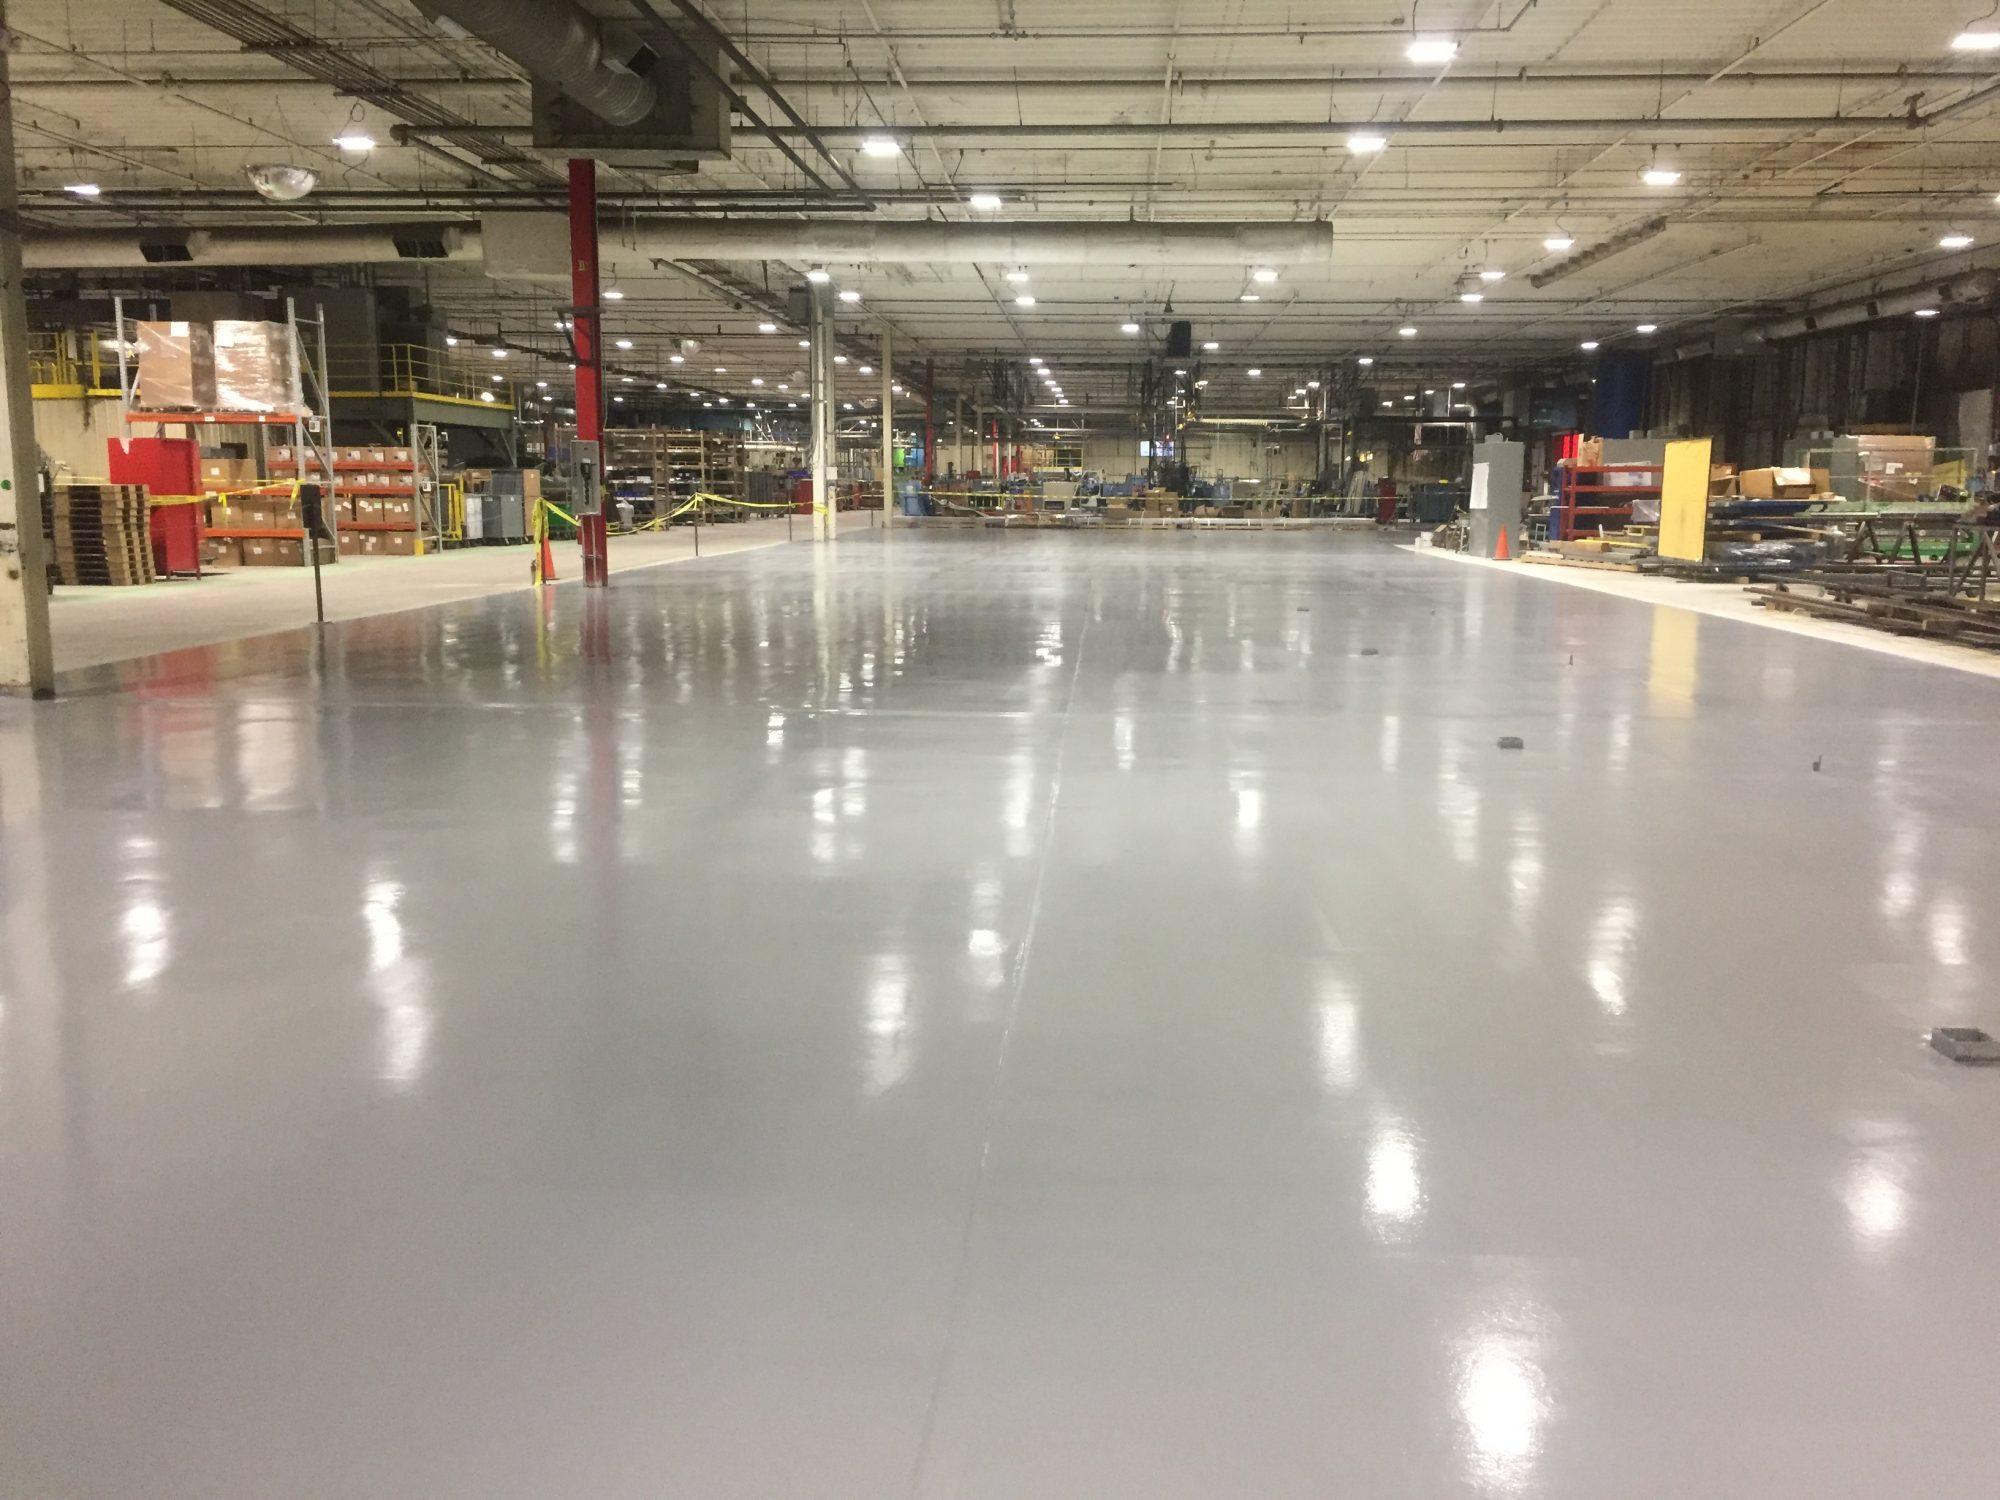 epoxy mortar overlay, epoxy floor coatings, industrial floor coatings